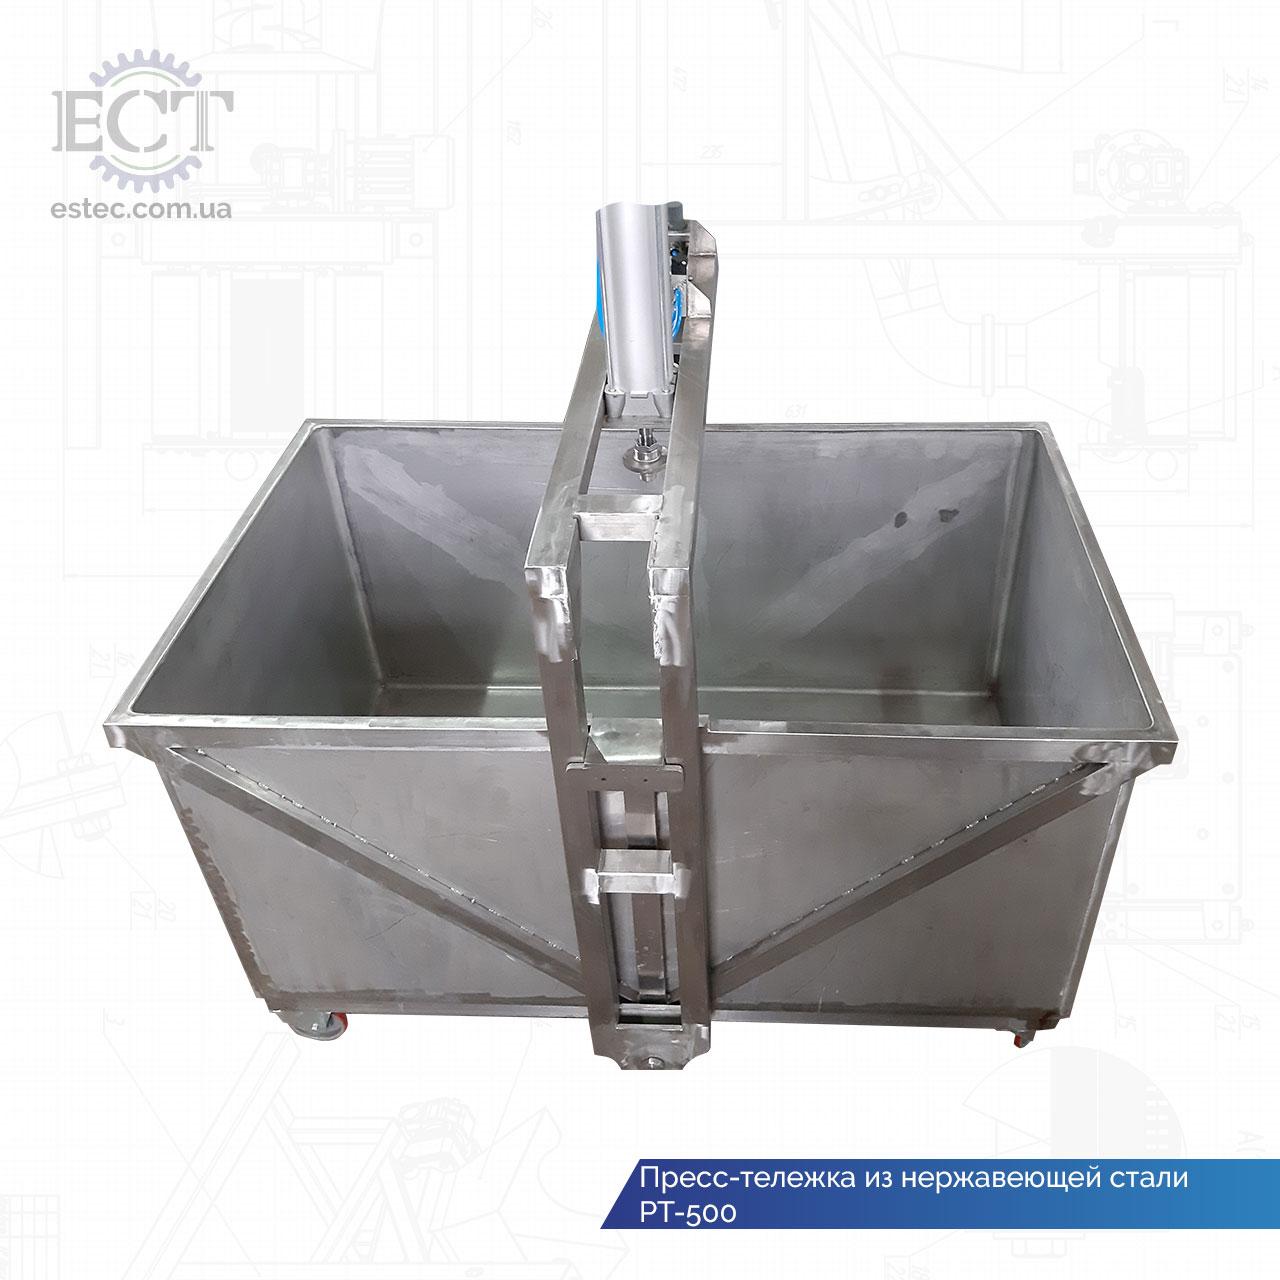 Пресc-тележка для сыра из нержавеющей стали PT-500